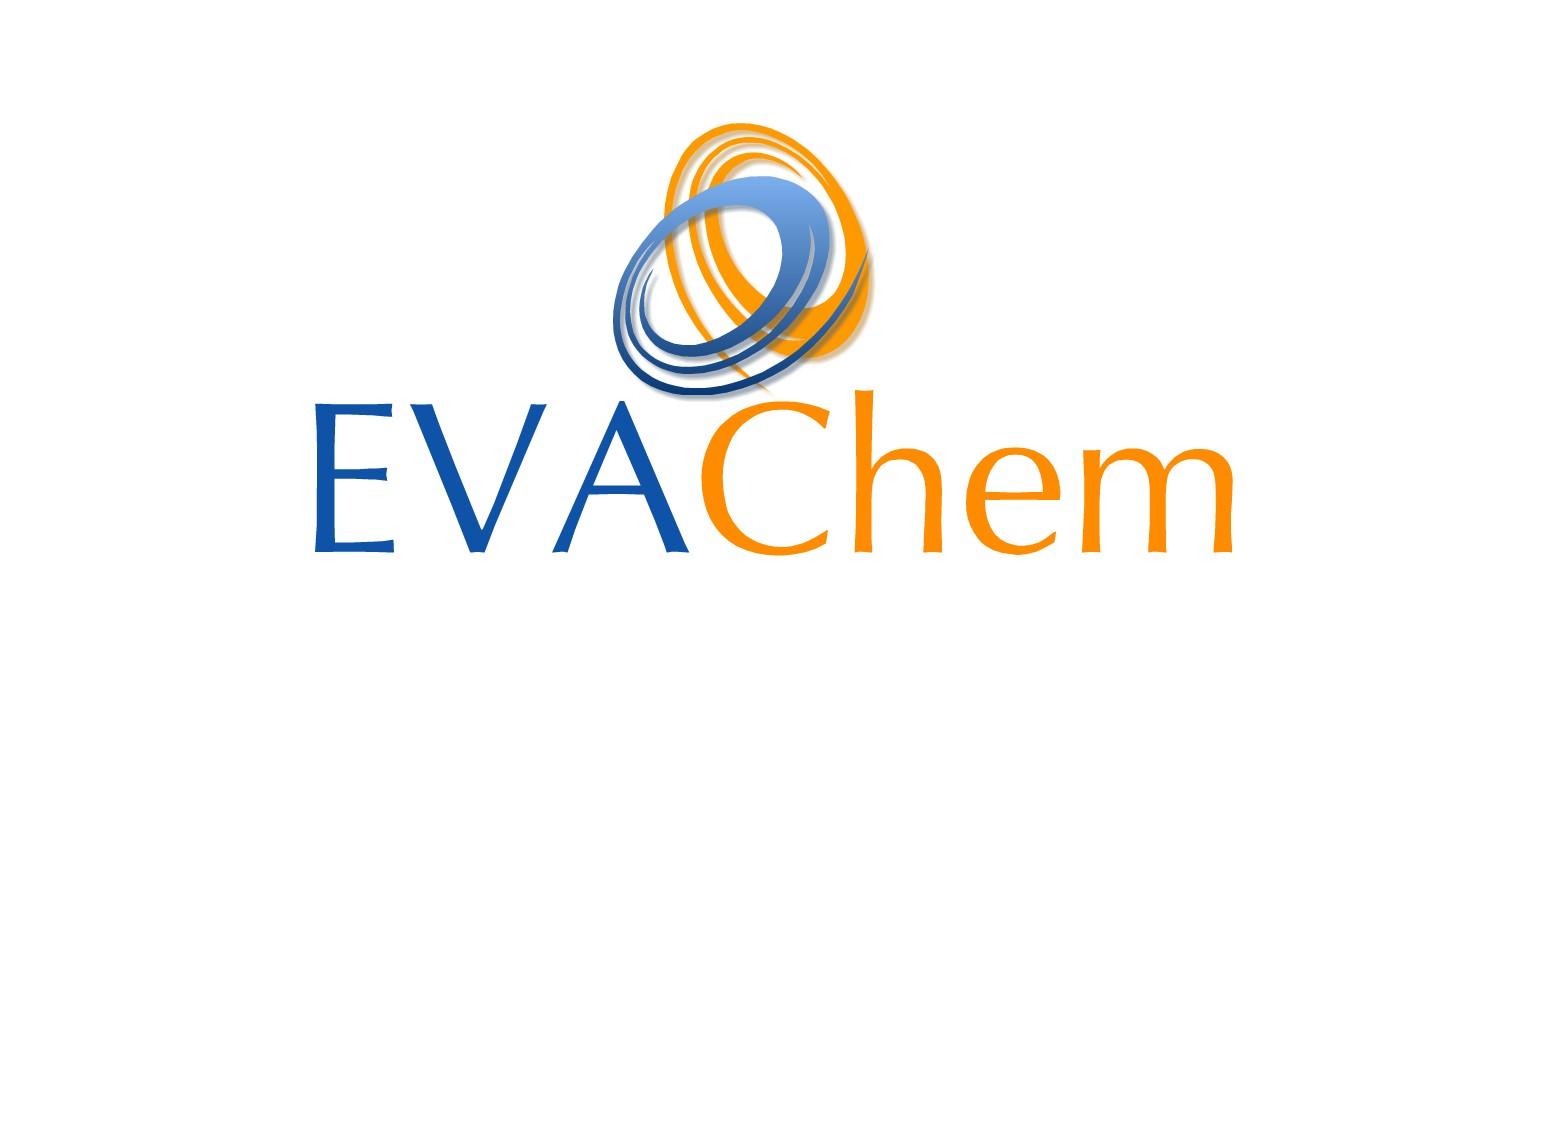 Разработка логотипа и фирменного стиля компании фото f_549571ca6ef98b5b.jpg